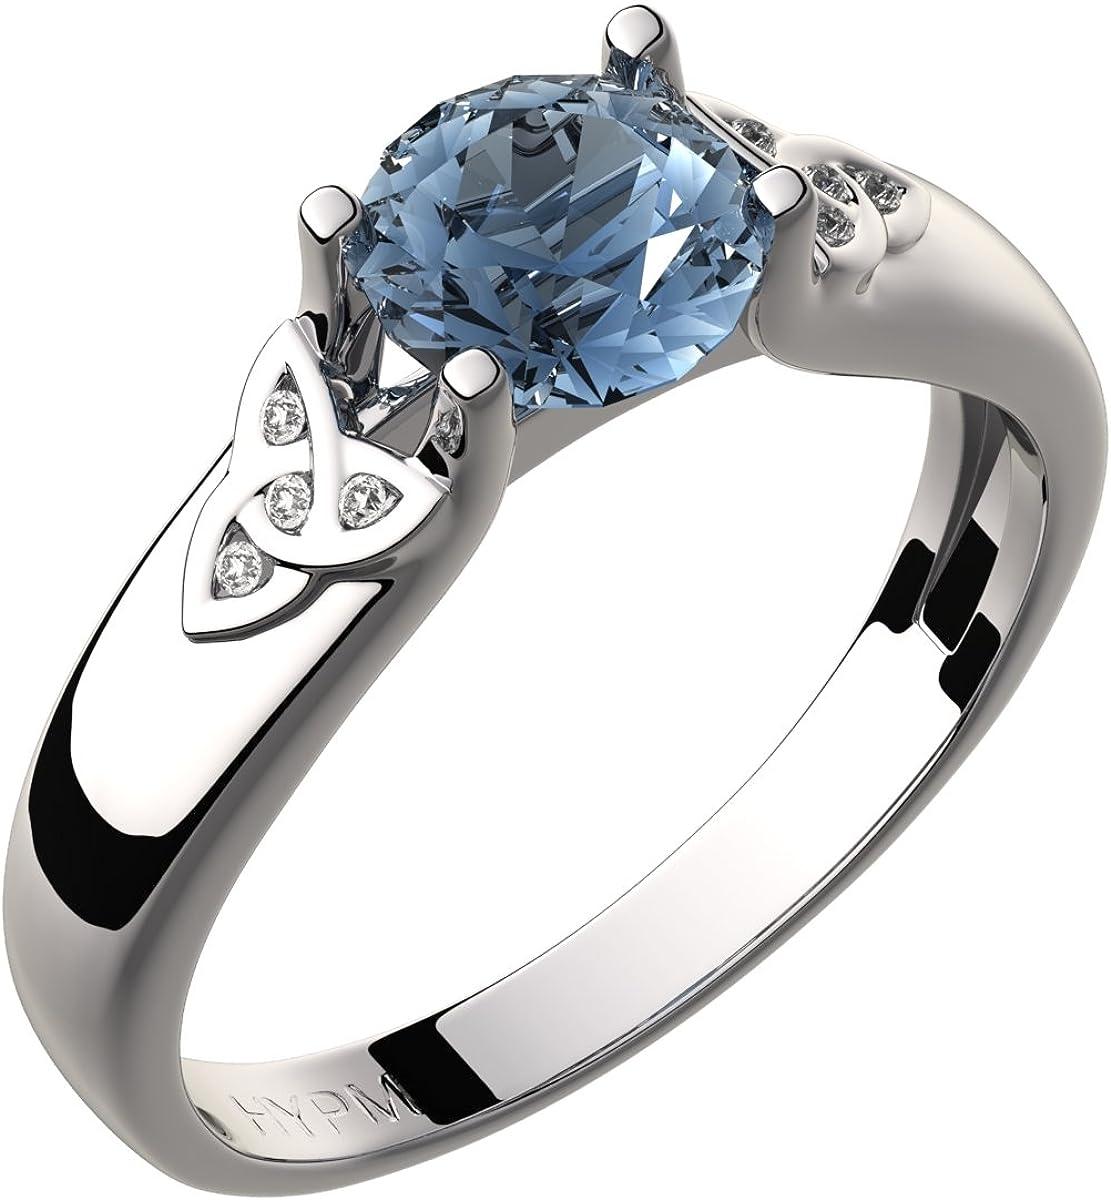 GWG Jewellery Anillos Mujer Regalo Anillo Celta Plata de Ley Circonita Grande de Color Aguamarina Azul Marino Adornado con Nudos de Trinidad Incrustados con Cristales para Mujeres